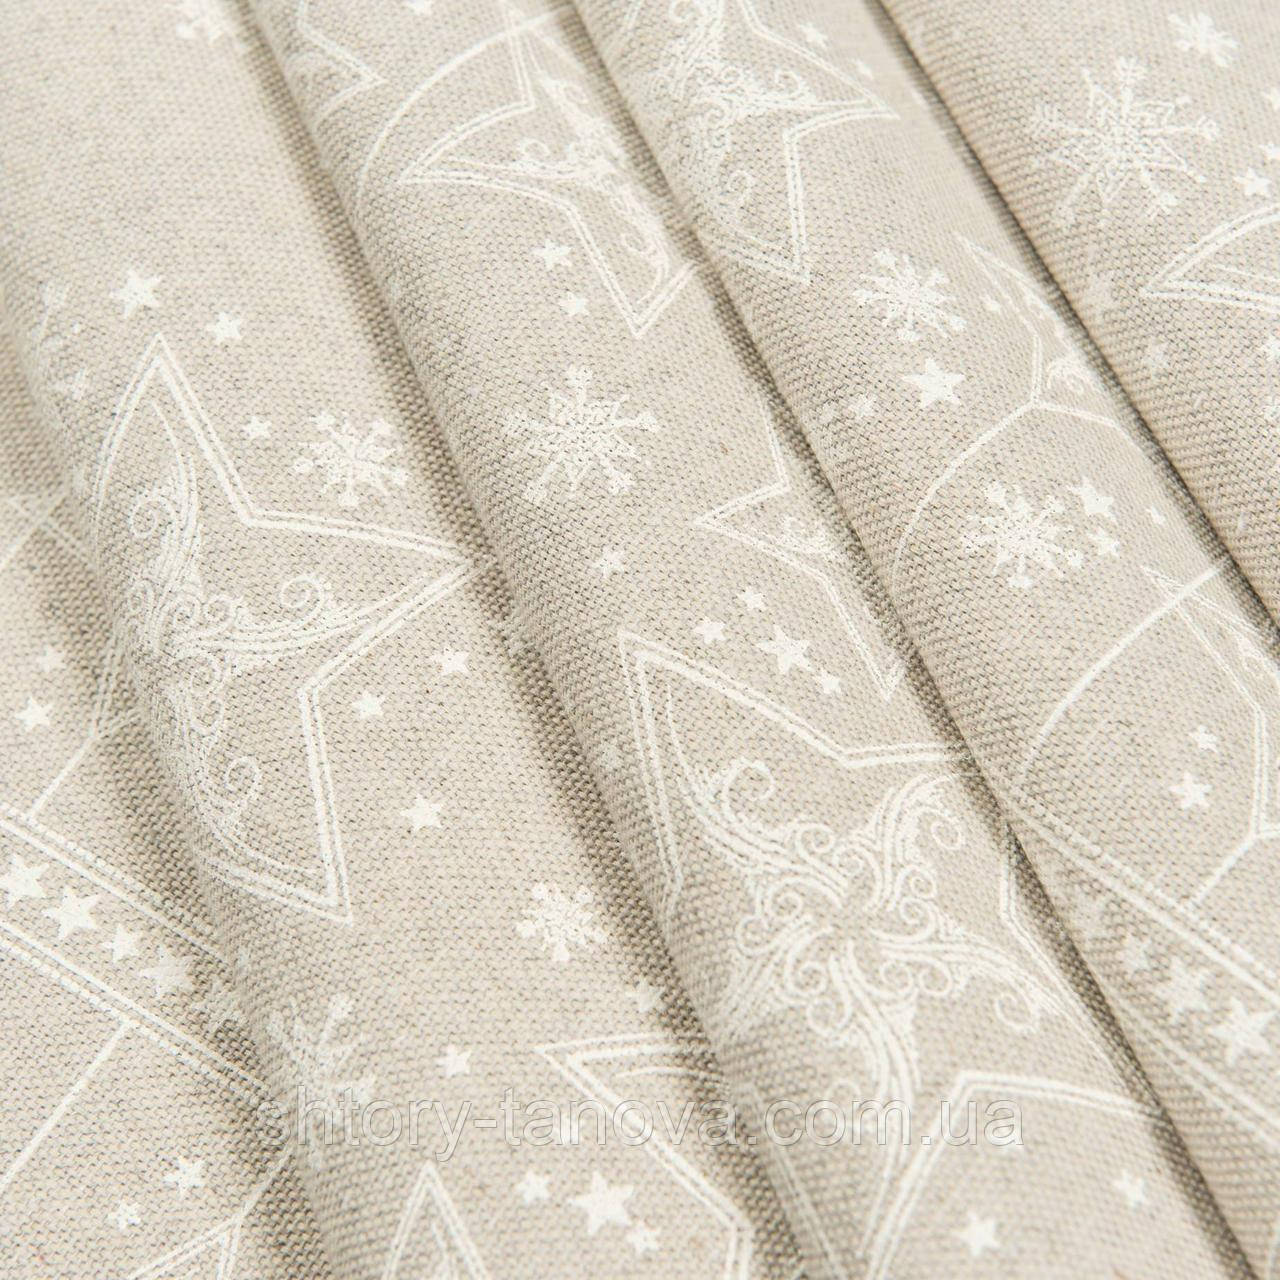 Декоративна тканина, бавовна 75%, поліестер 25%, з новорічним принтом, зірочки